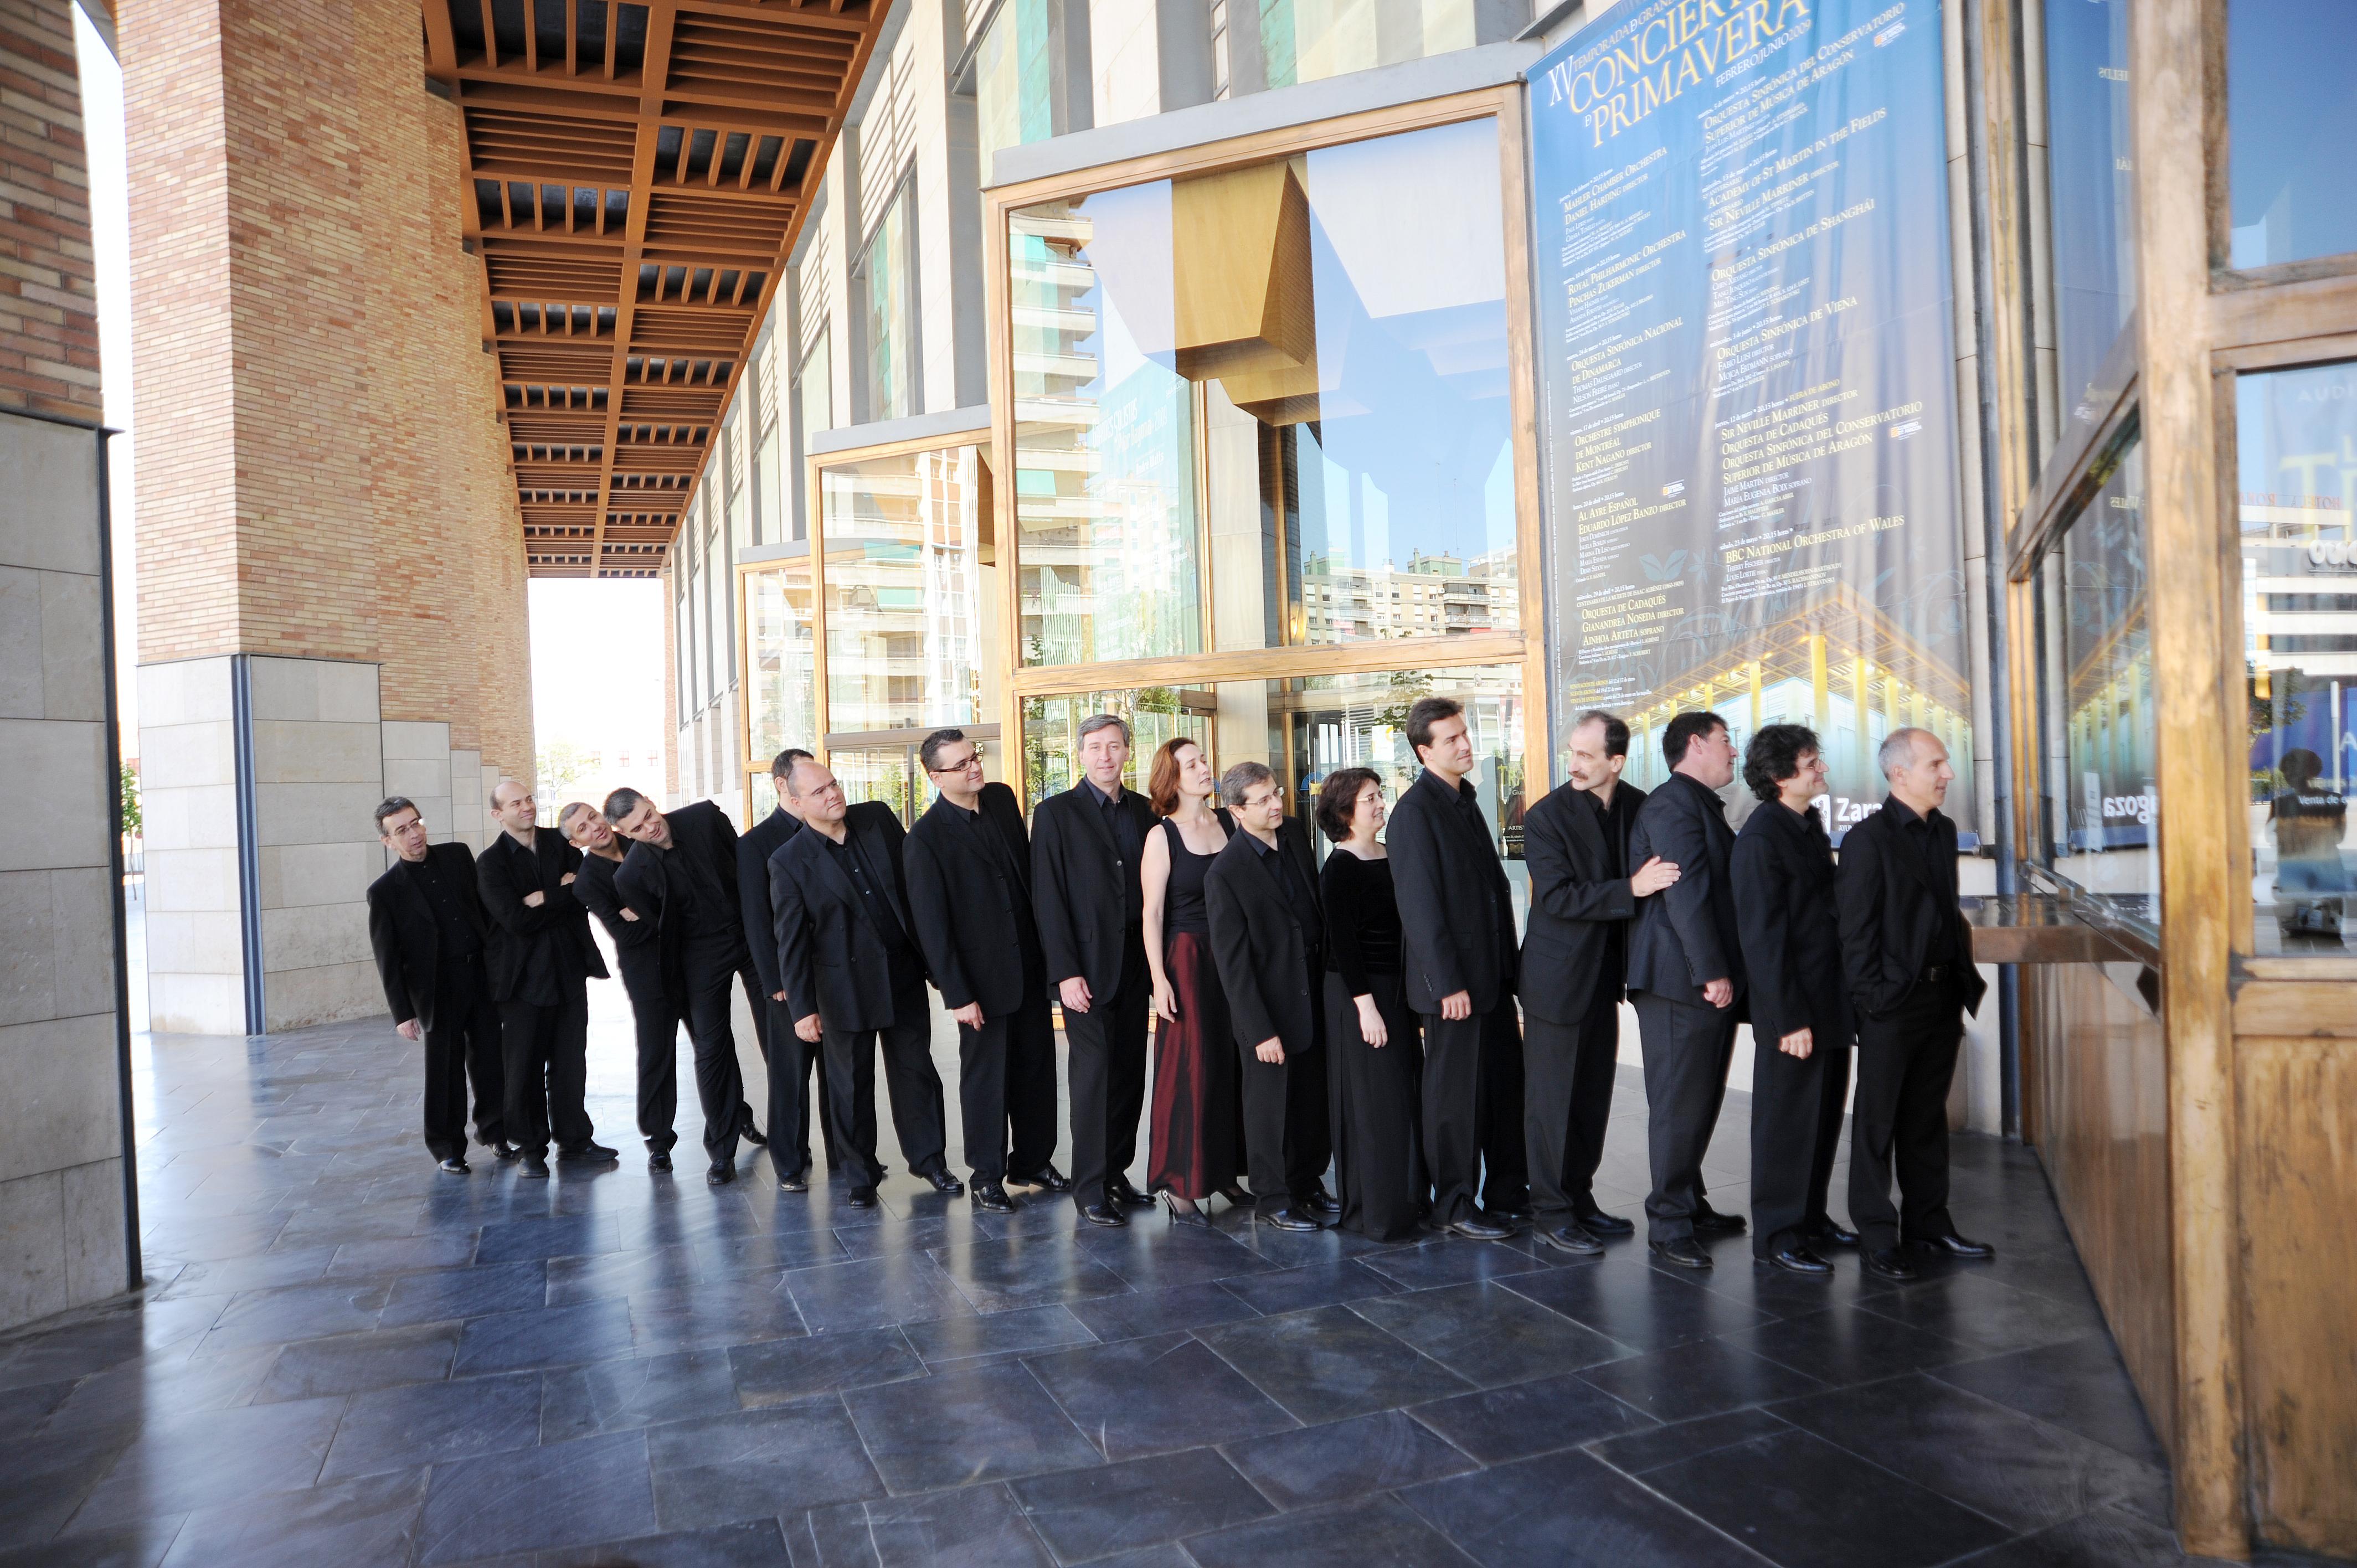 Paseos, arquitectura... y música en La Granja